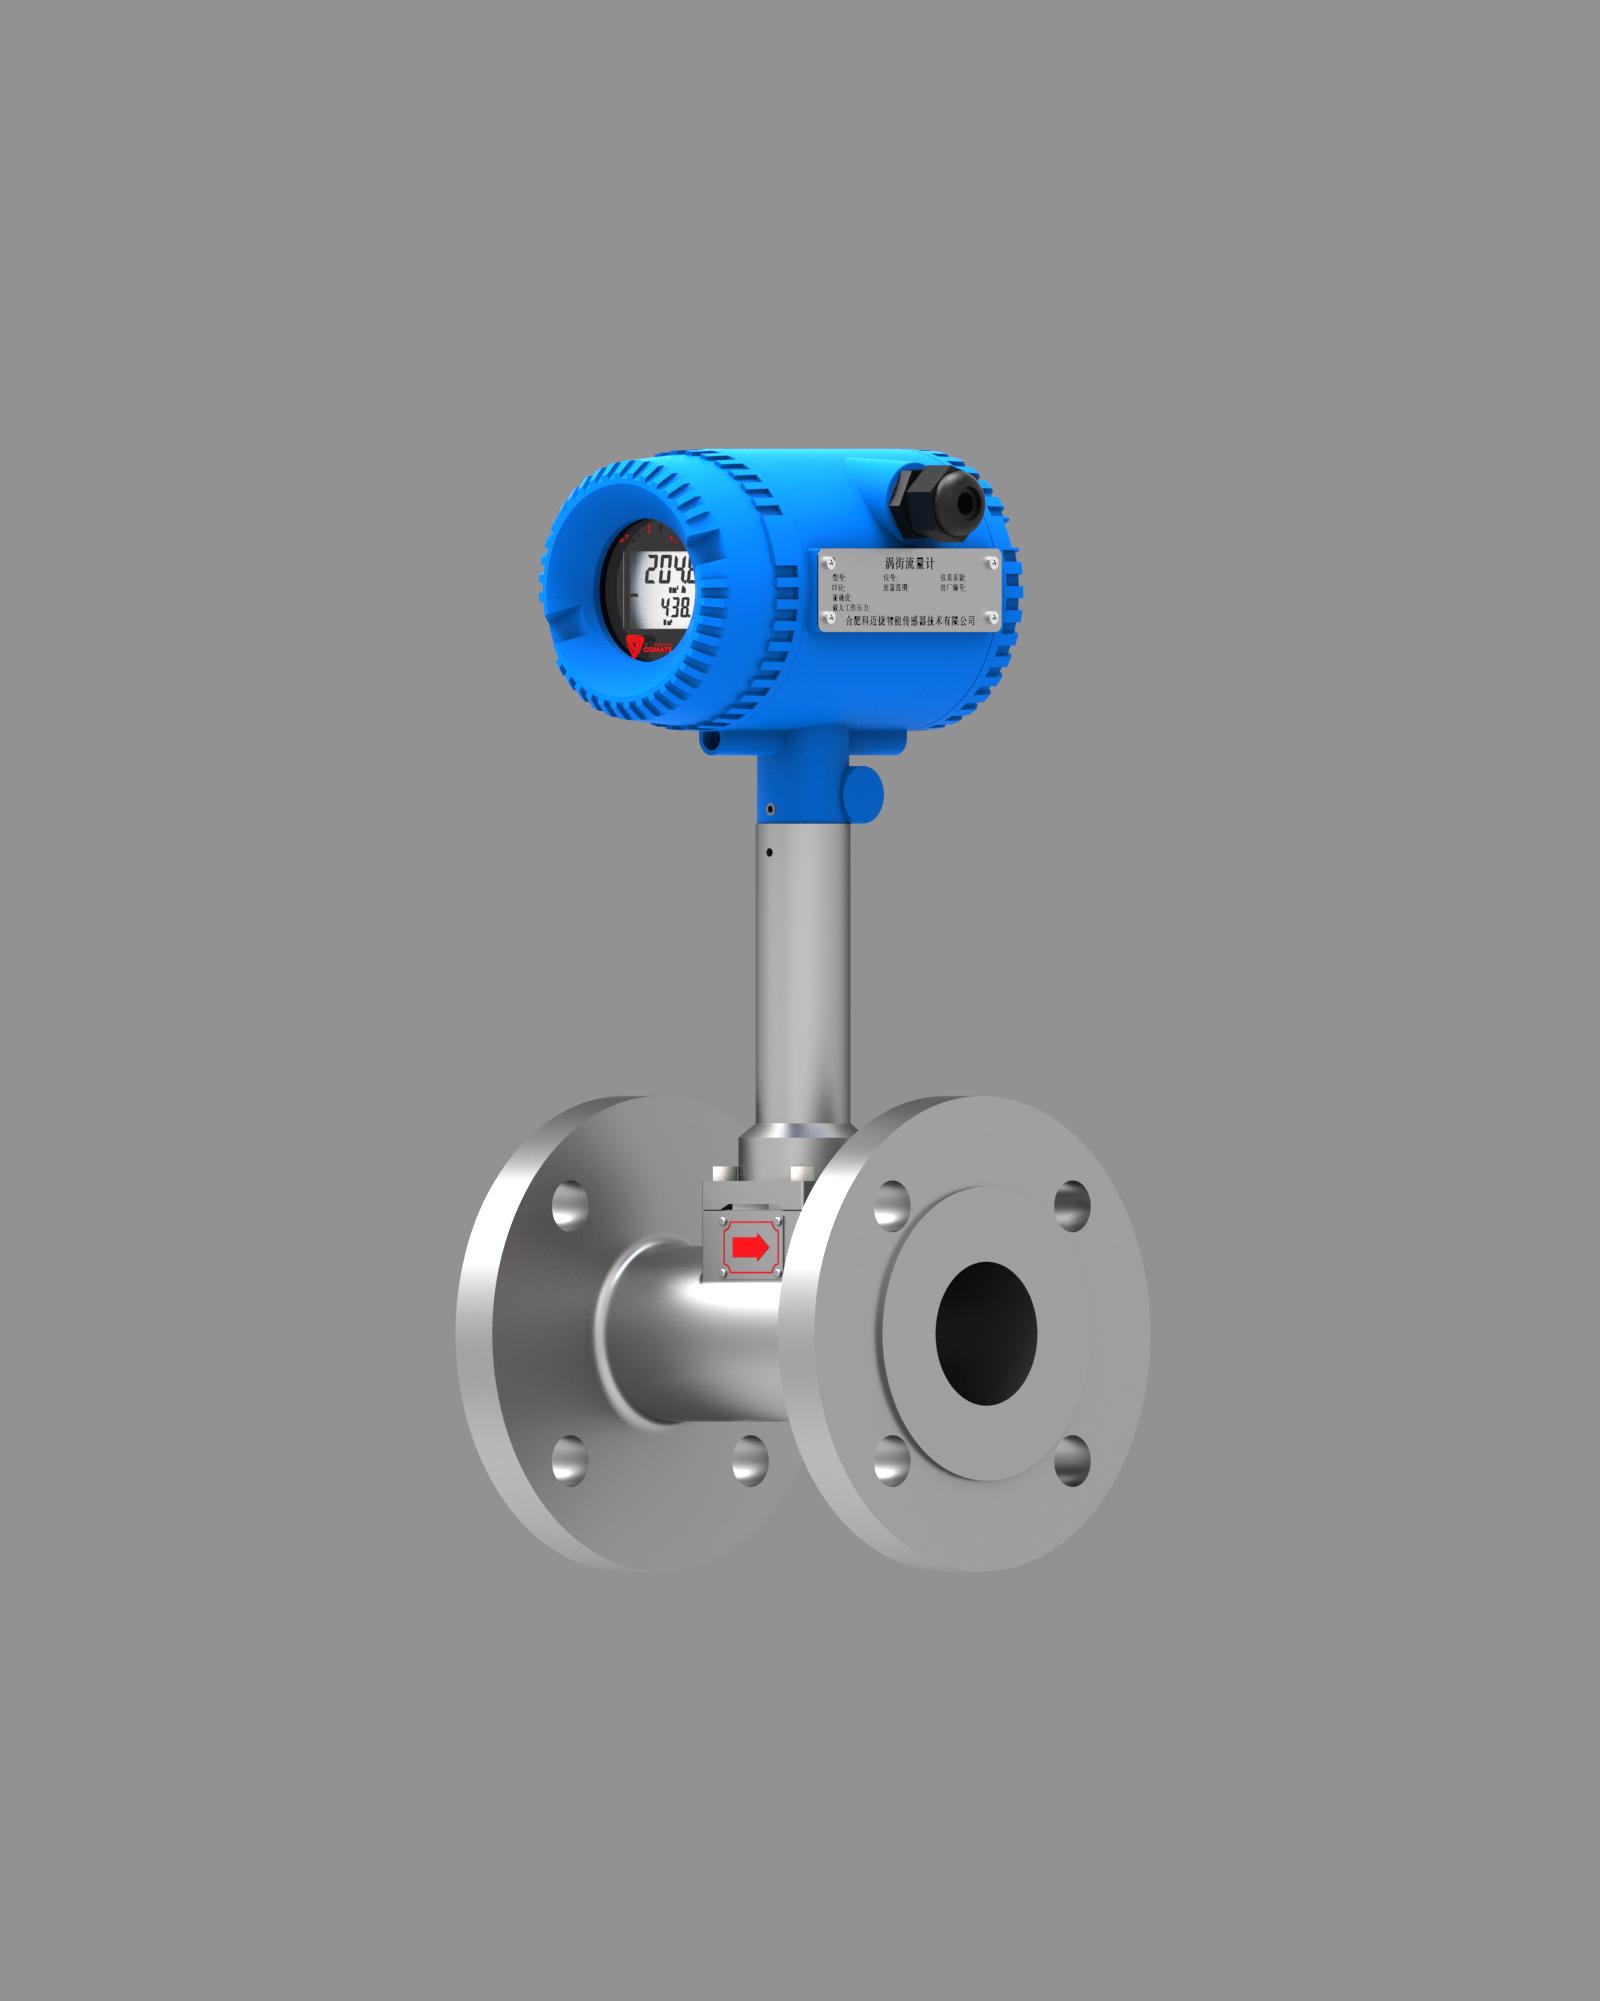 VFM45 Vortex Flow Meter